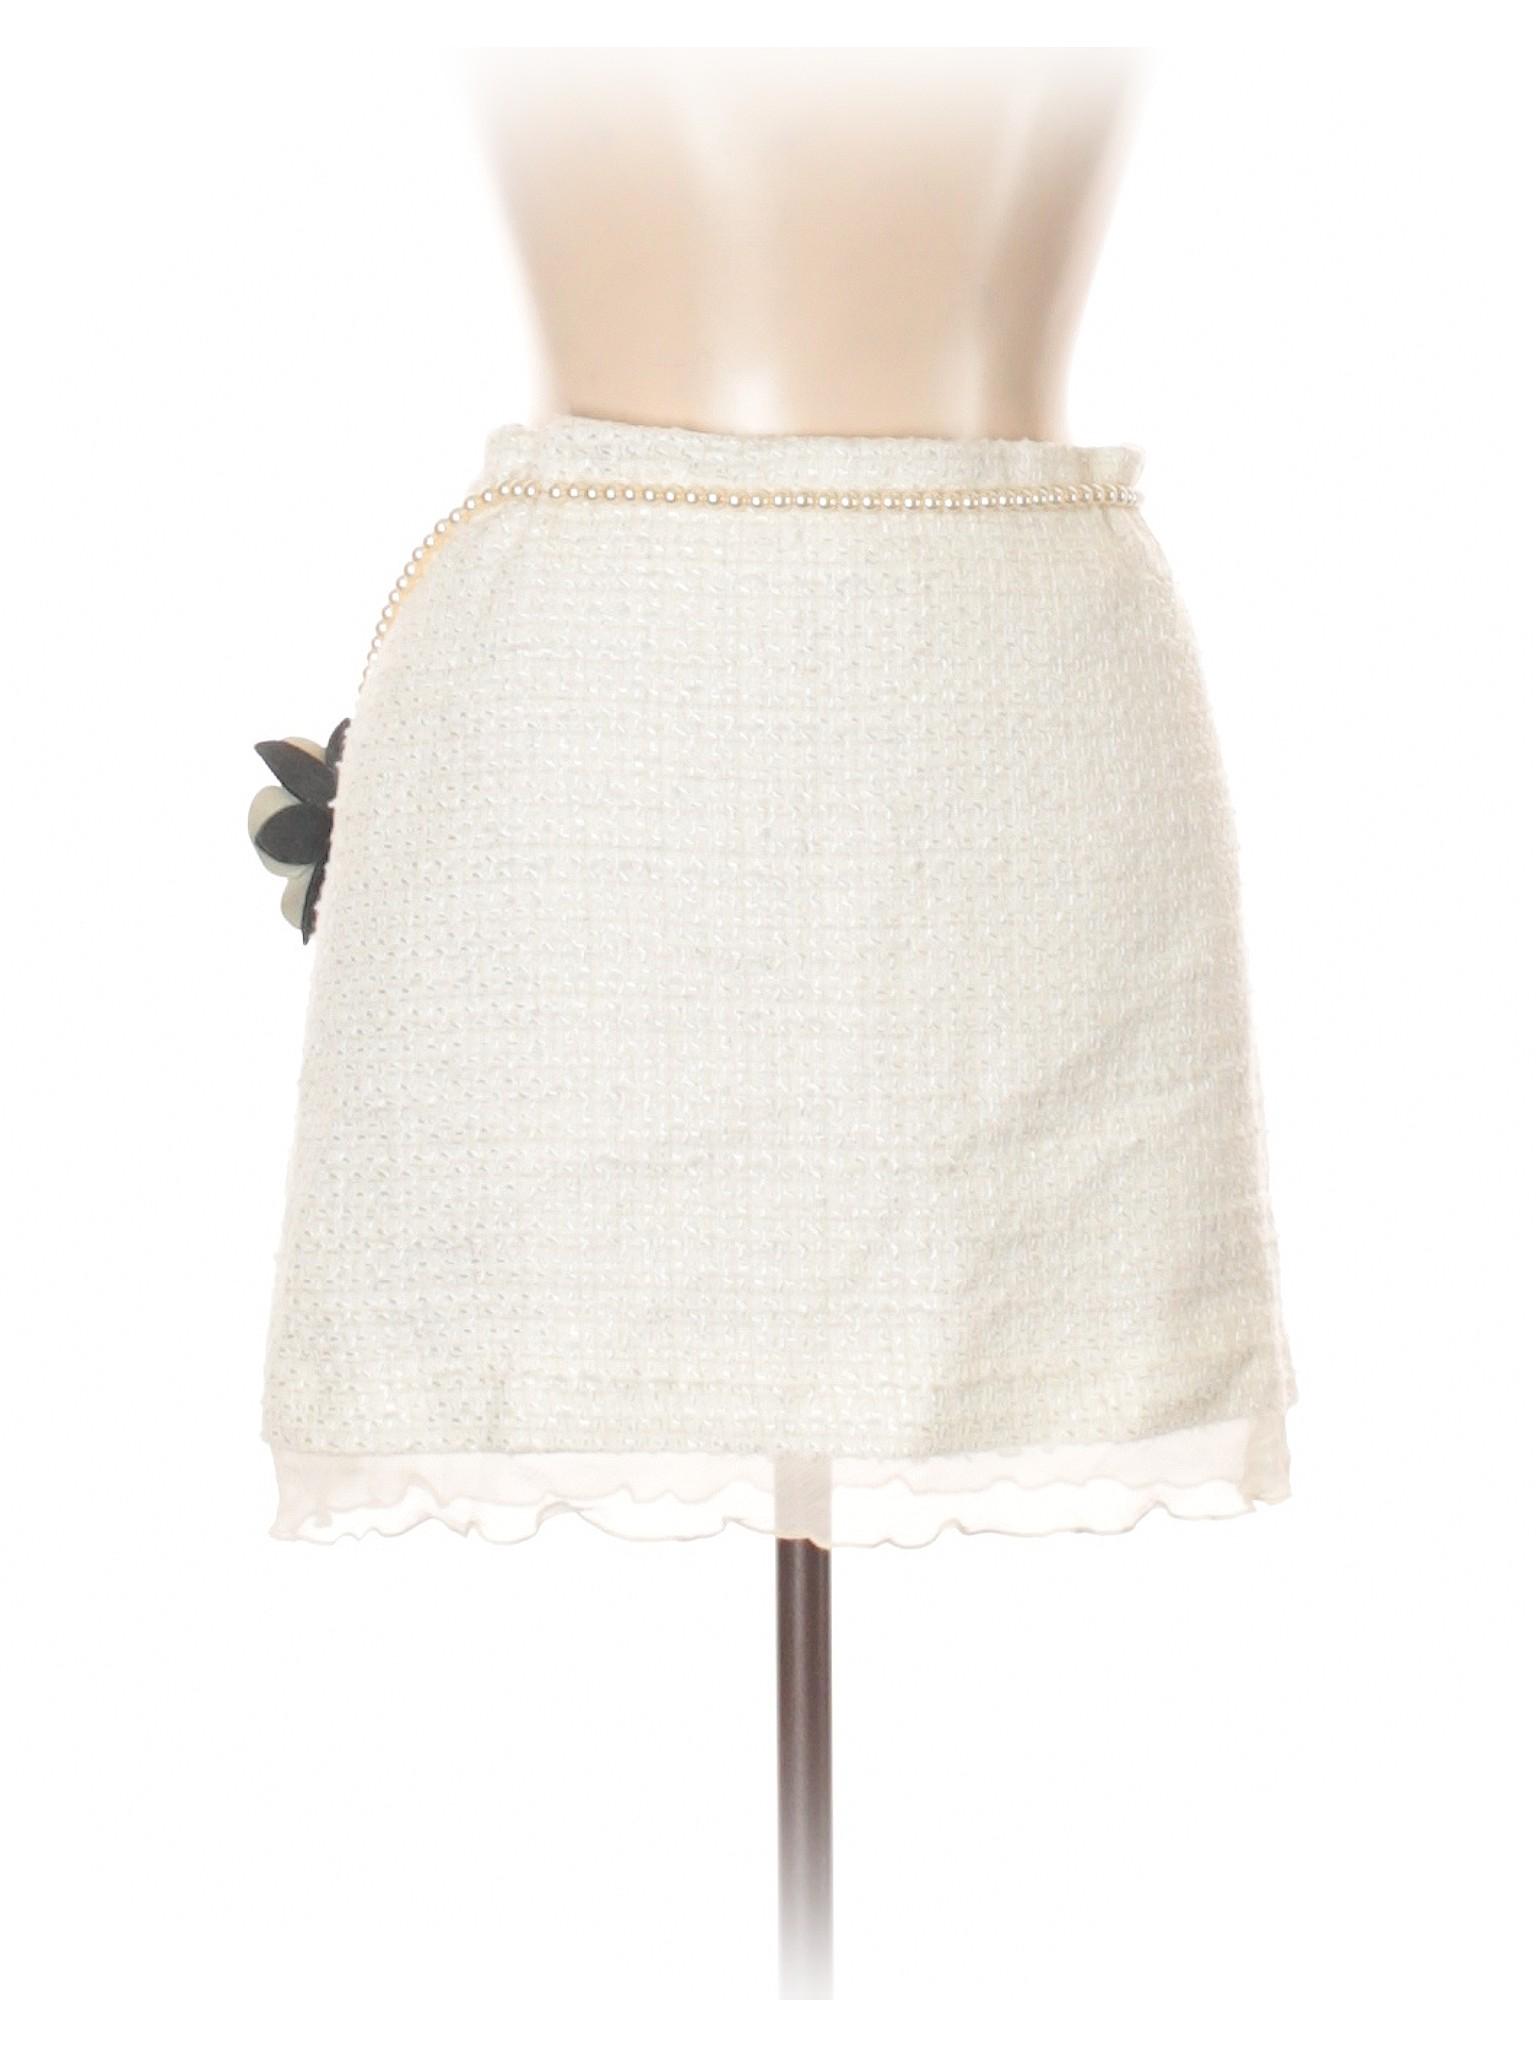 Formal Boutique Boutique Skirt Formal Skirt Skirt Boutique Boutique Formal Skirt Skirt Boutique Boutique Formal Formal xFz0zgH